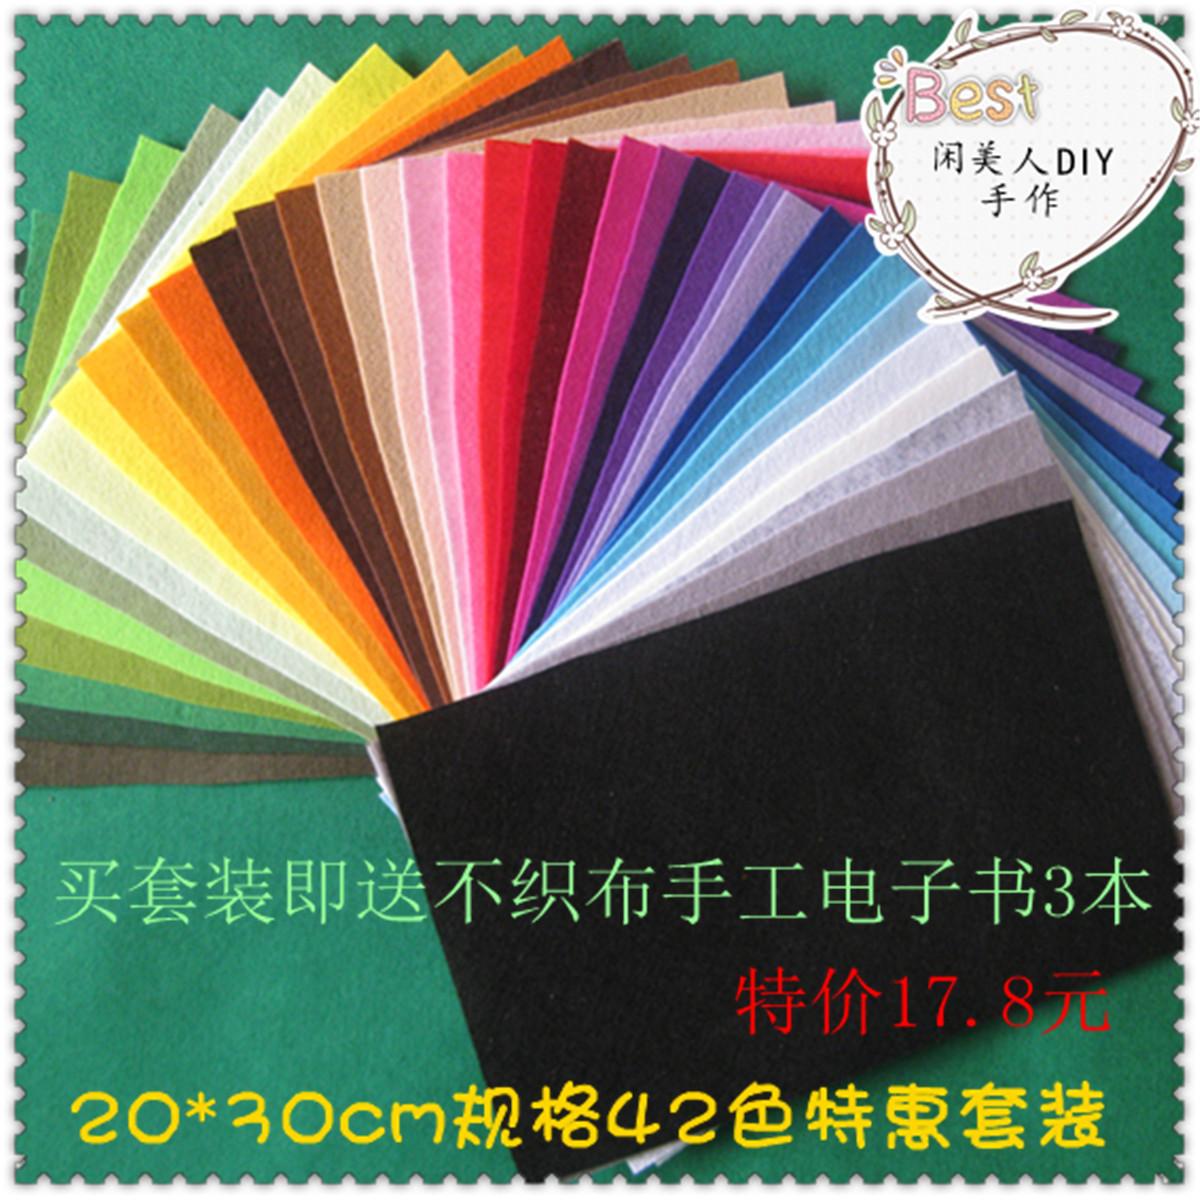 Бесплатно красота DIY ручного импорта нетканых материалов/чувствовал ткань оптом 20 * 30 см 1 мм размер 42